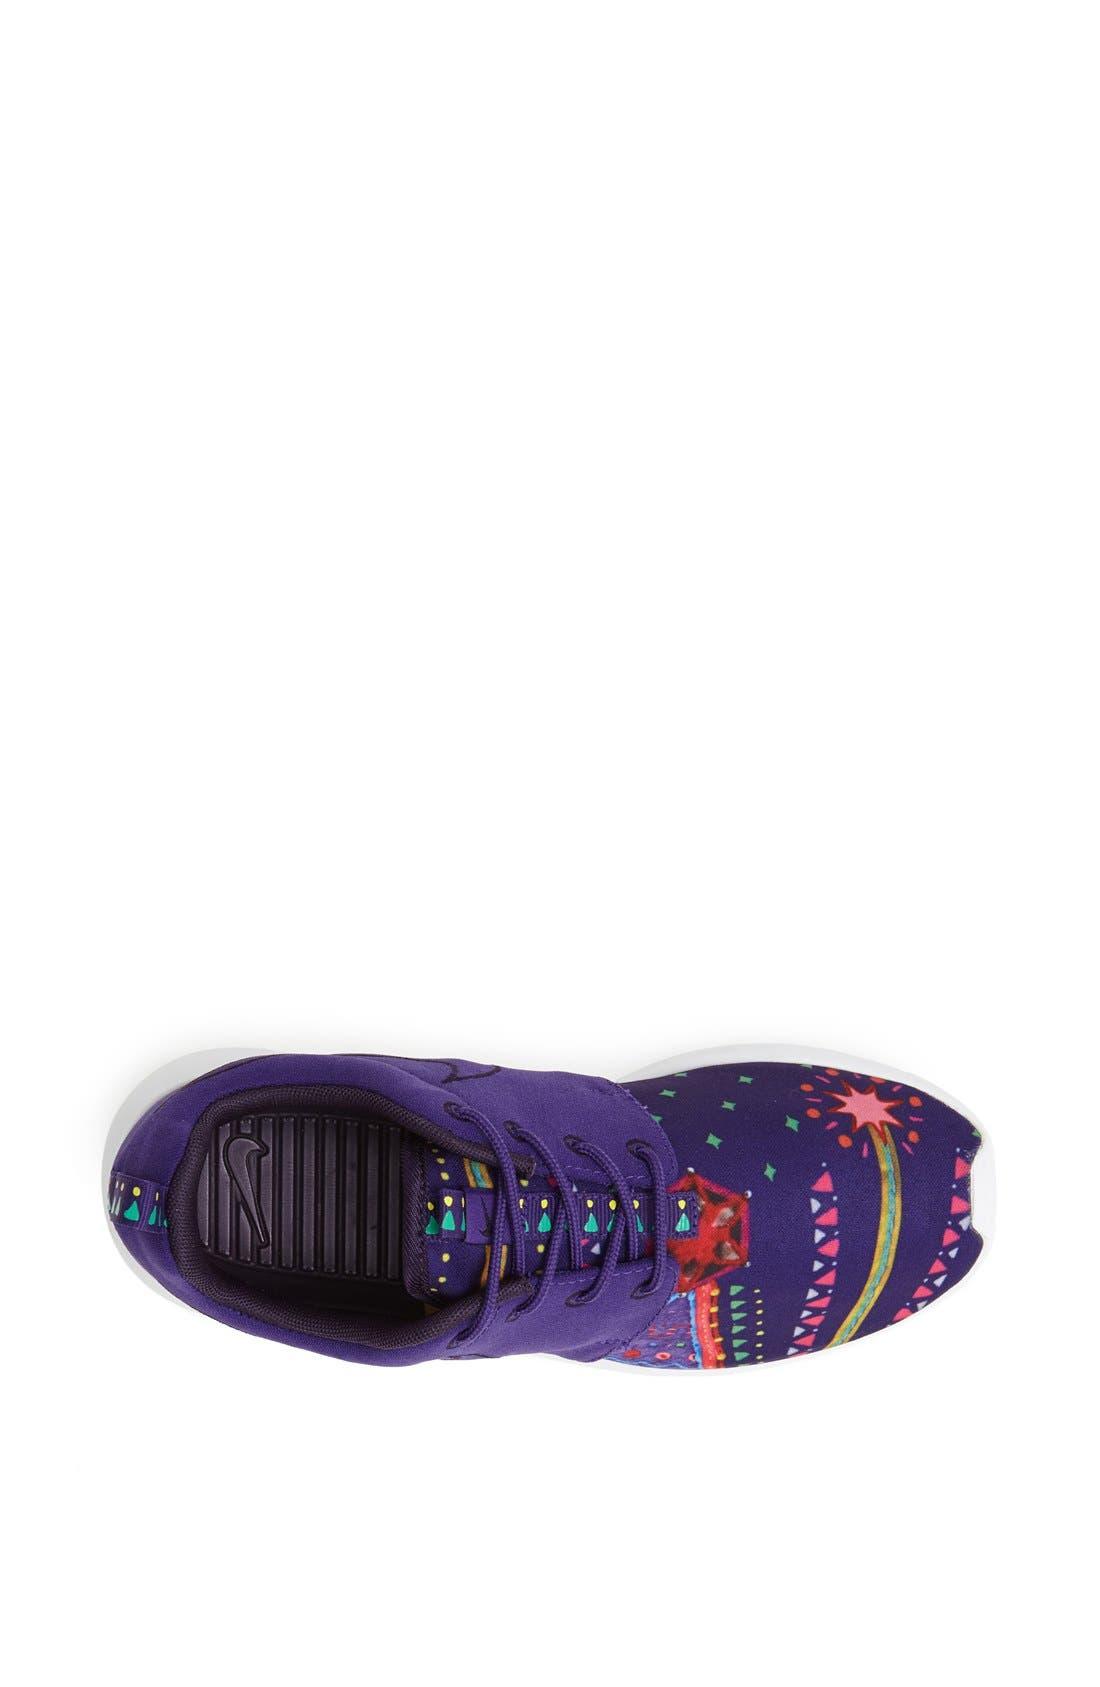 Alternate Image 3  - Nike 'Roshe Run MP QS' Print Sneaker (Women)